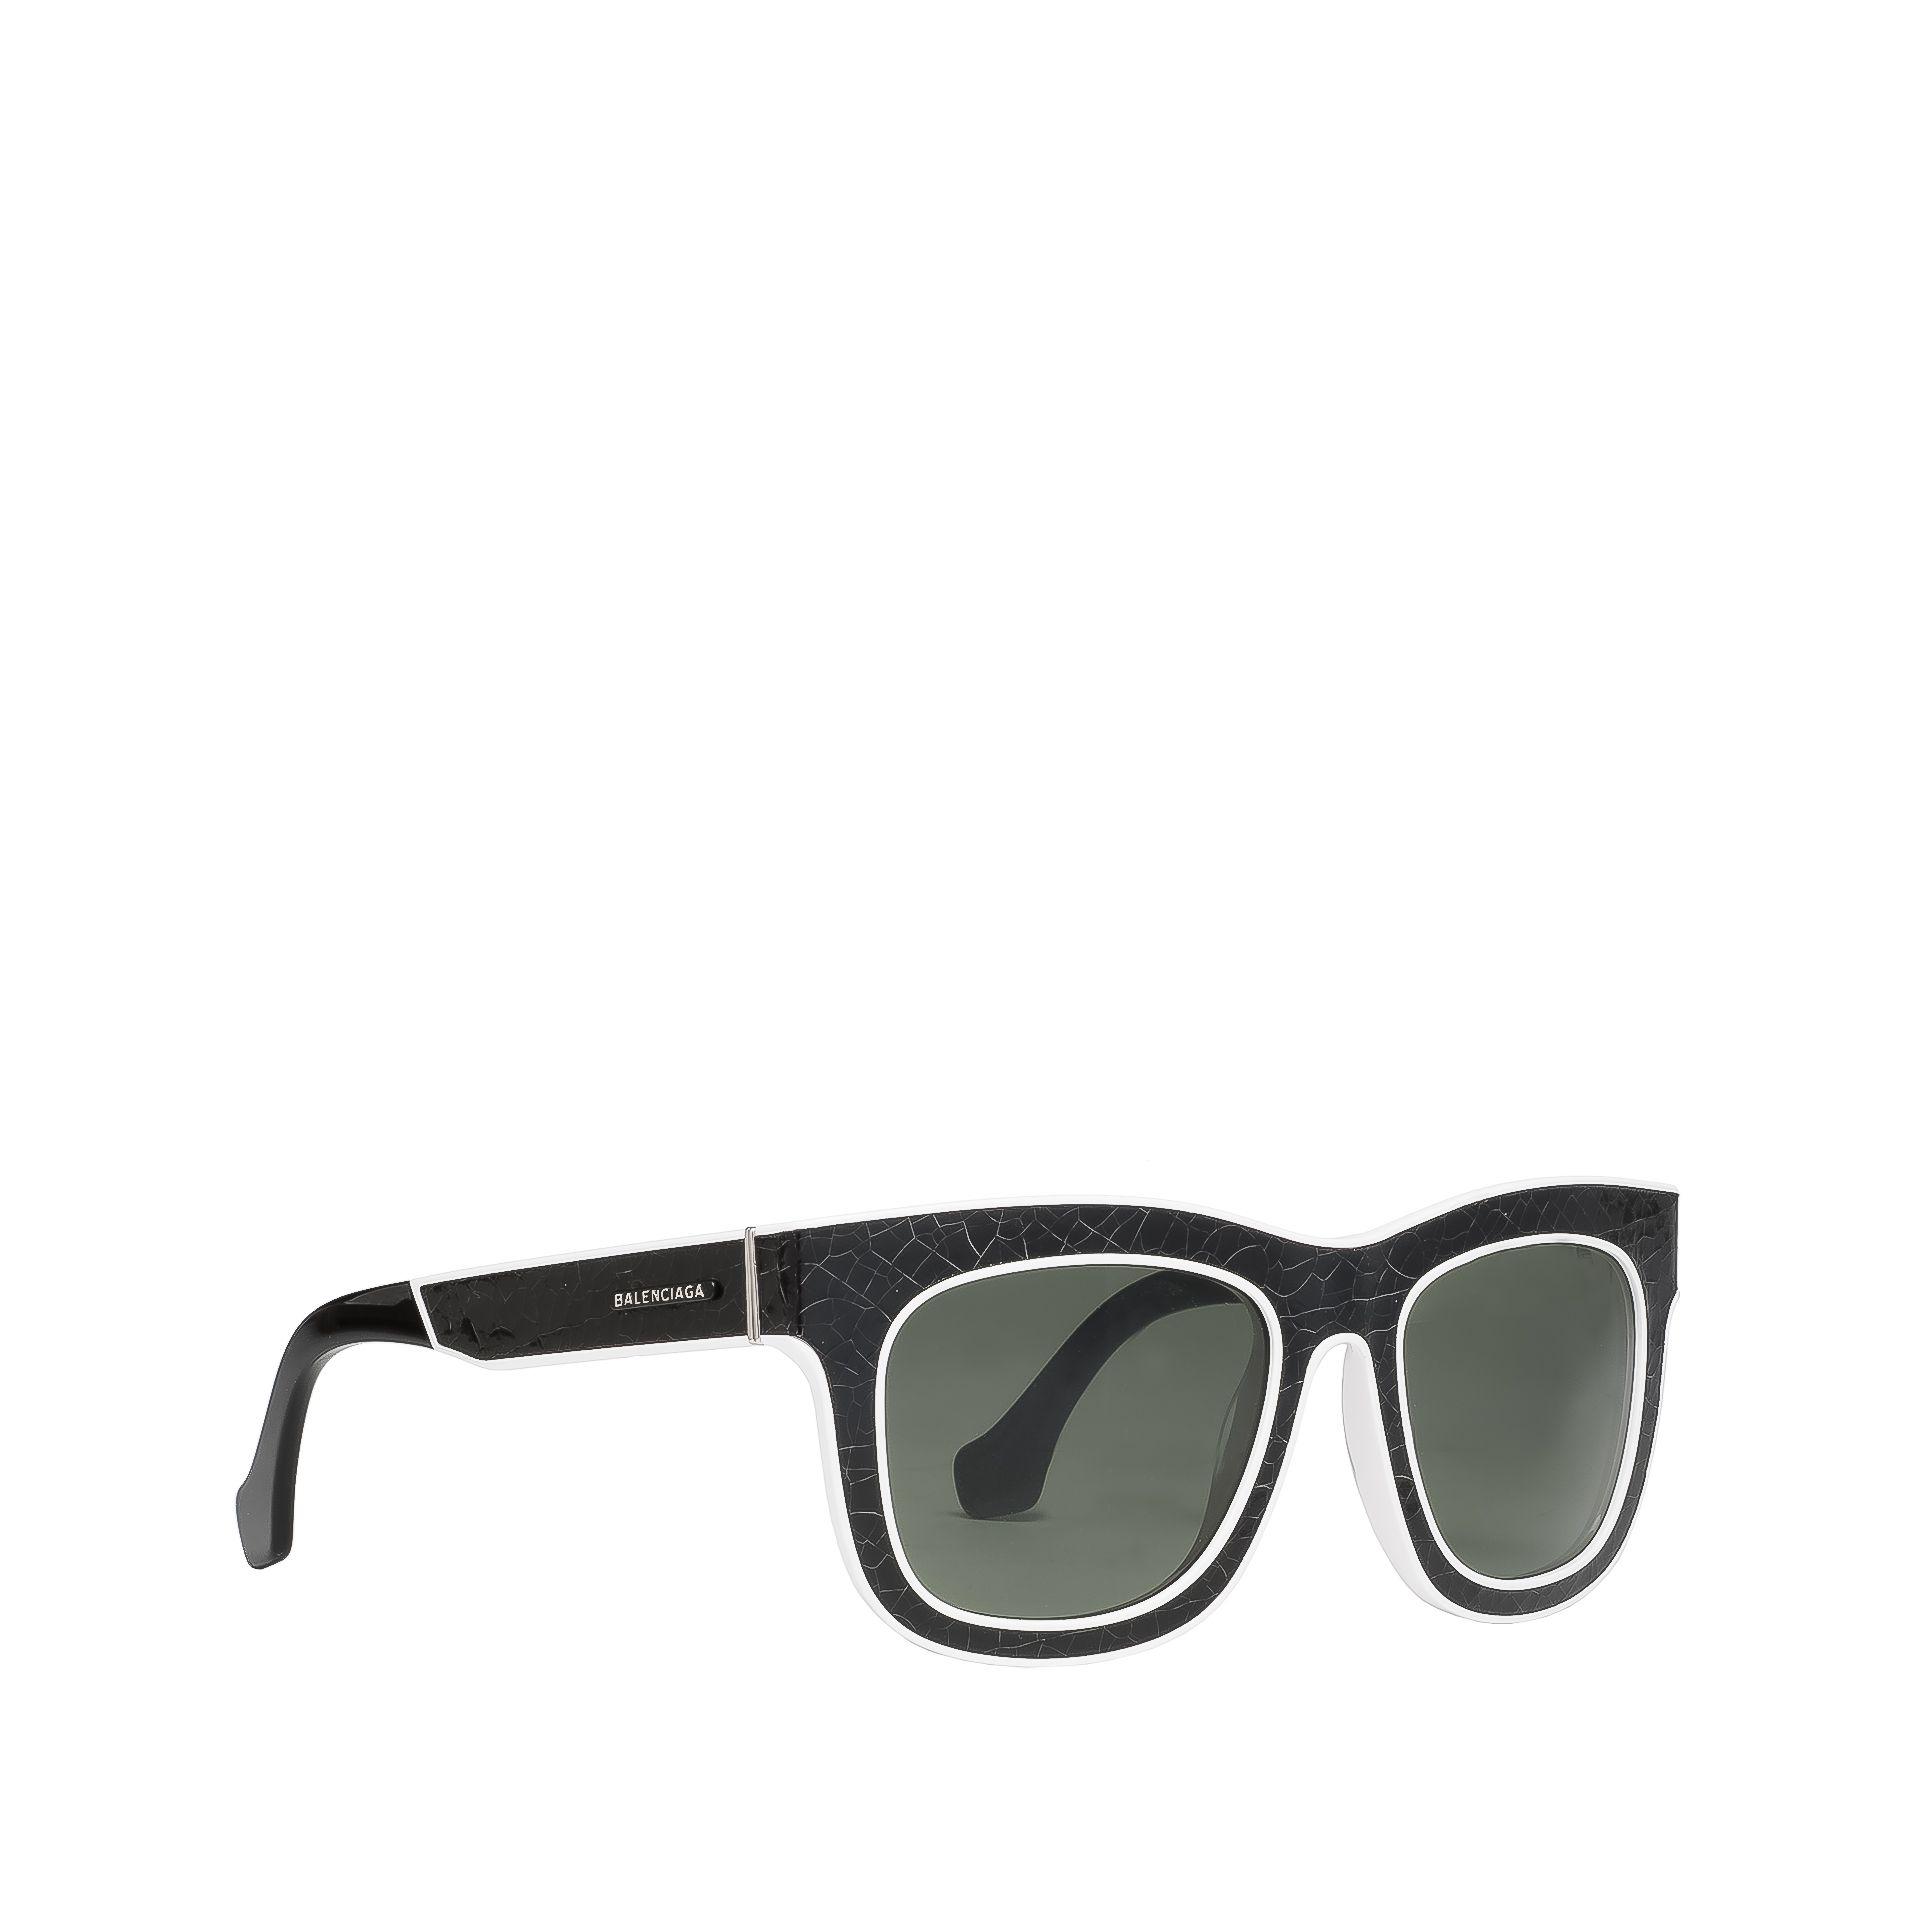 BALENCIAGA Sonnenbrille in eckiger Form mit Riss-Effekt Sonnenbrillen D f